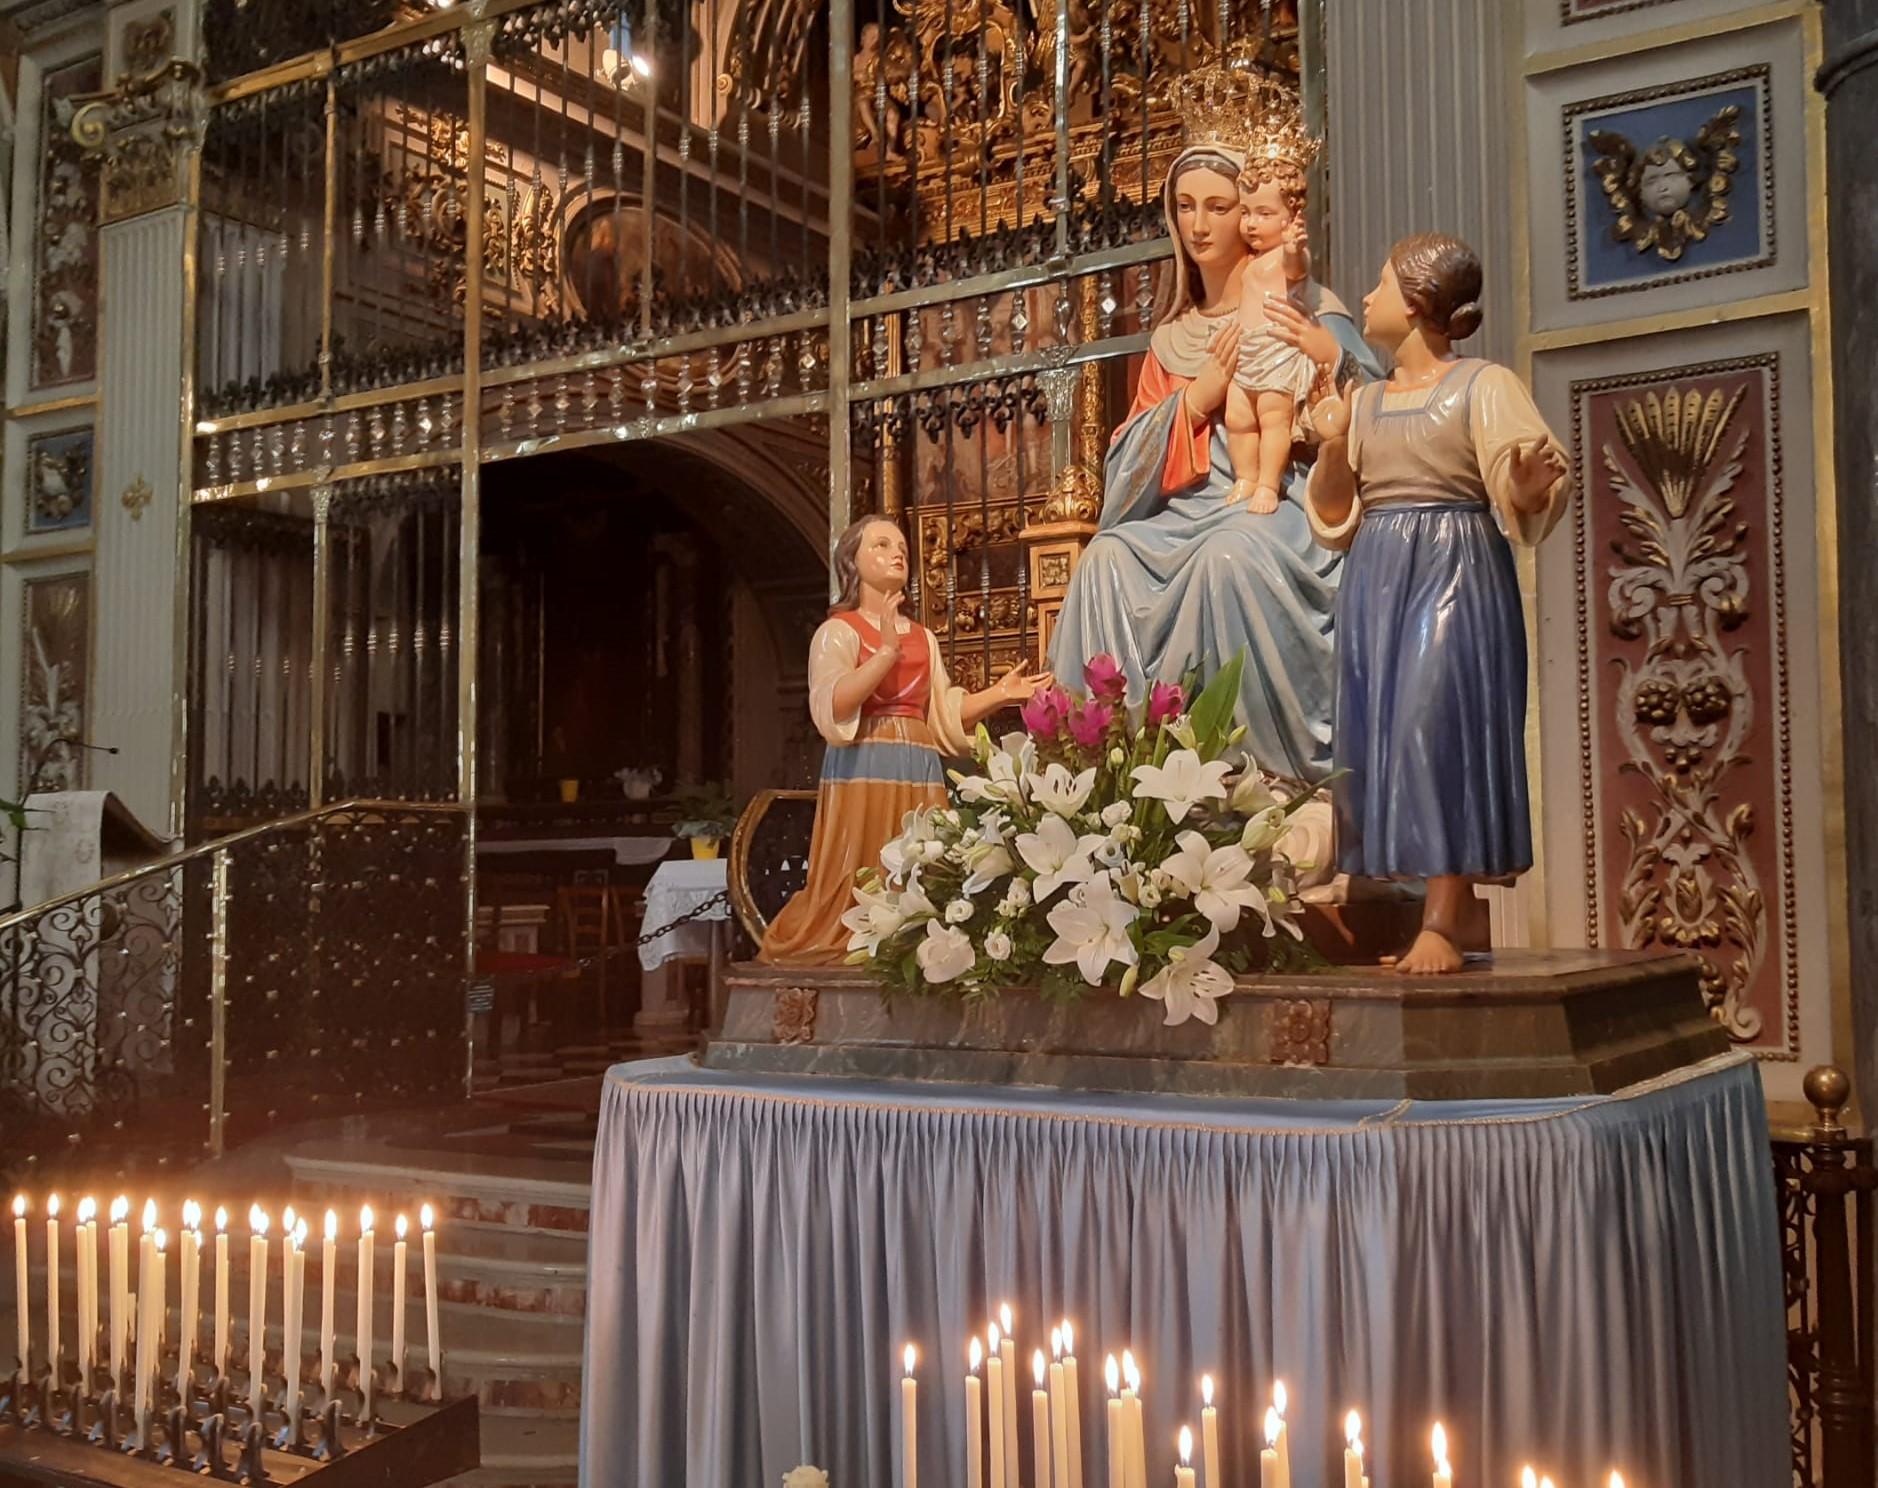 22 e 23 giugno ad Ardesio il 413° anniversario della Madonna delle Grazie